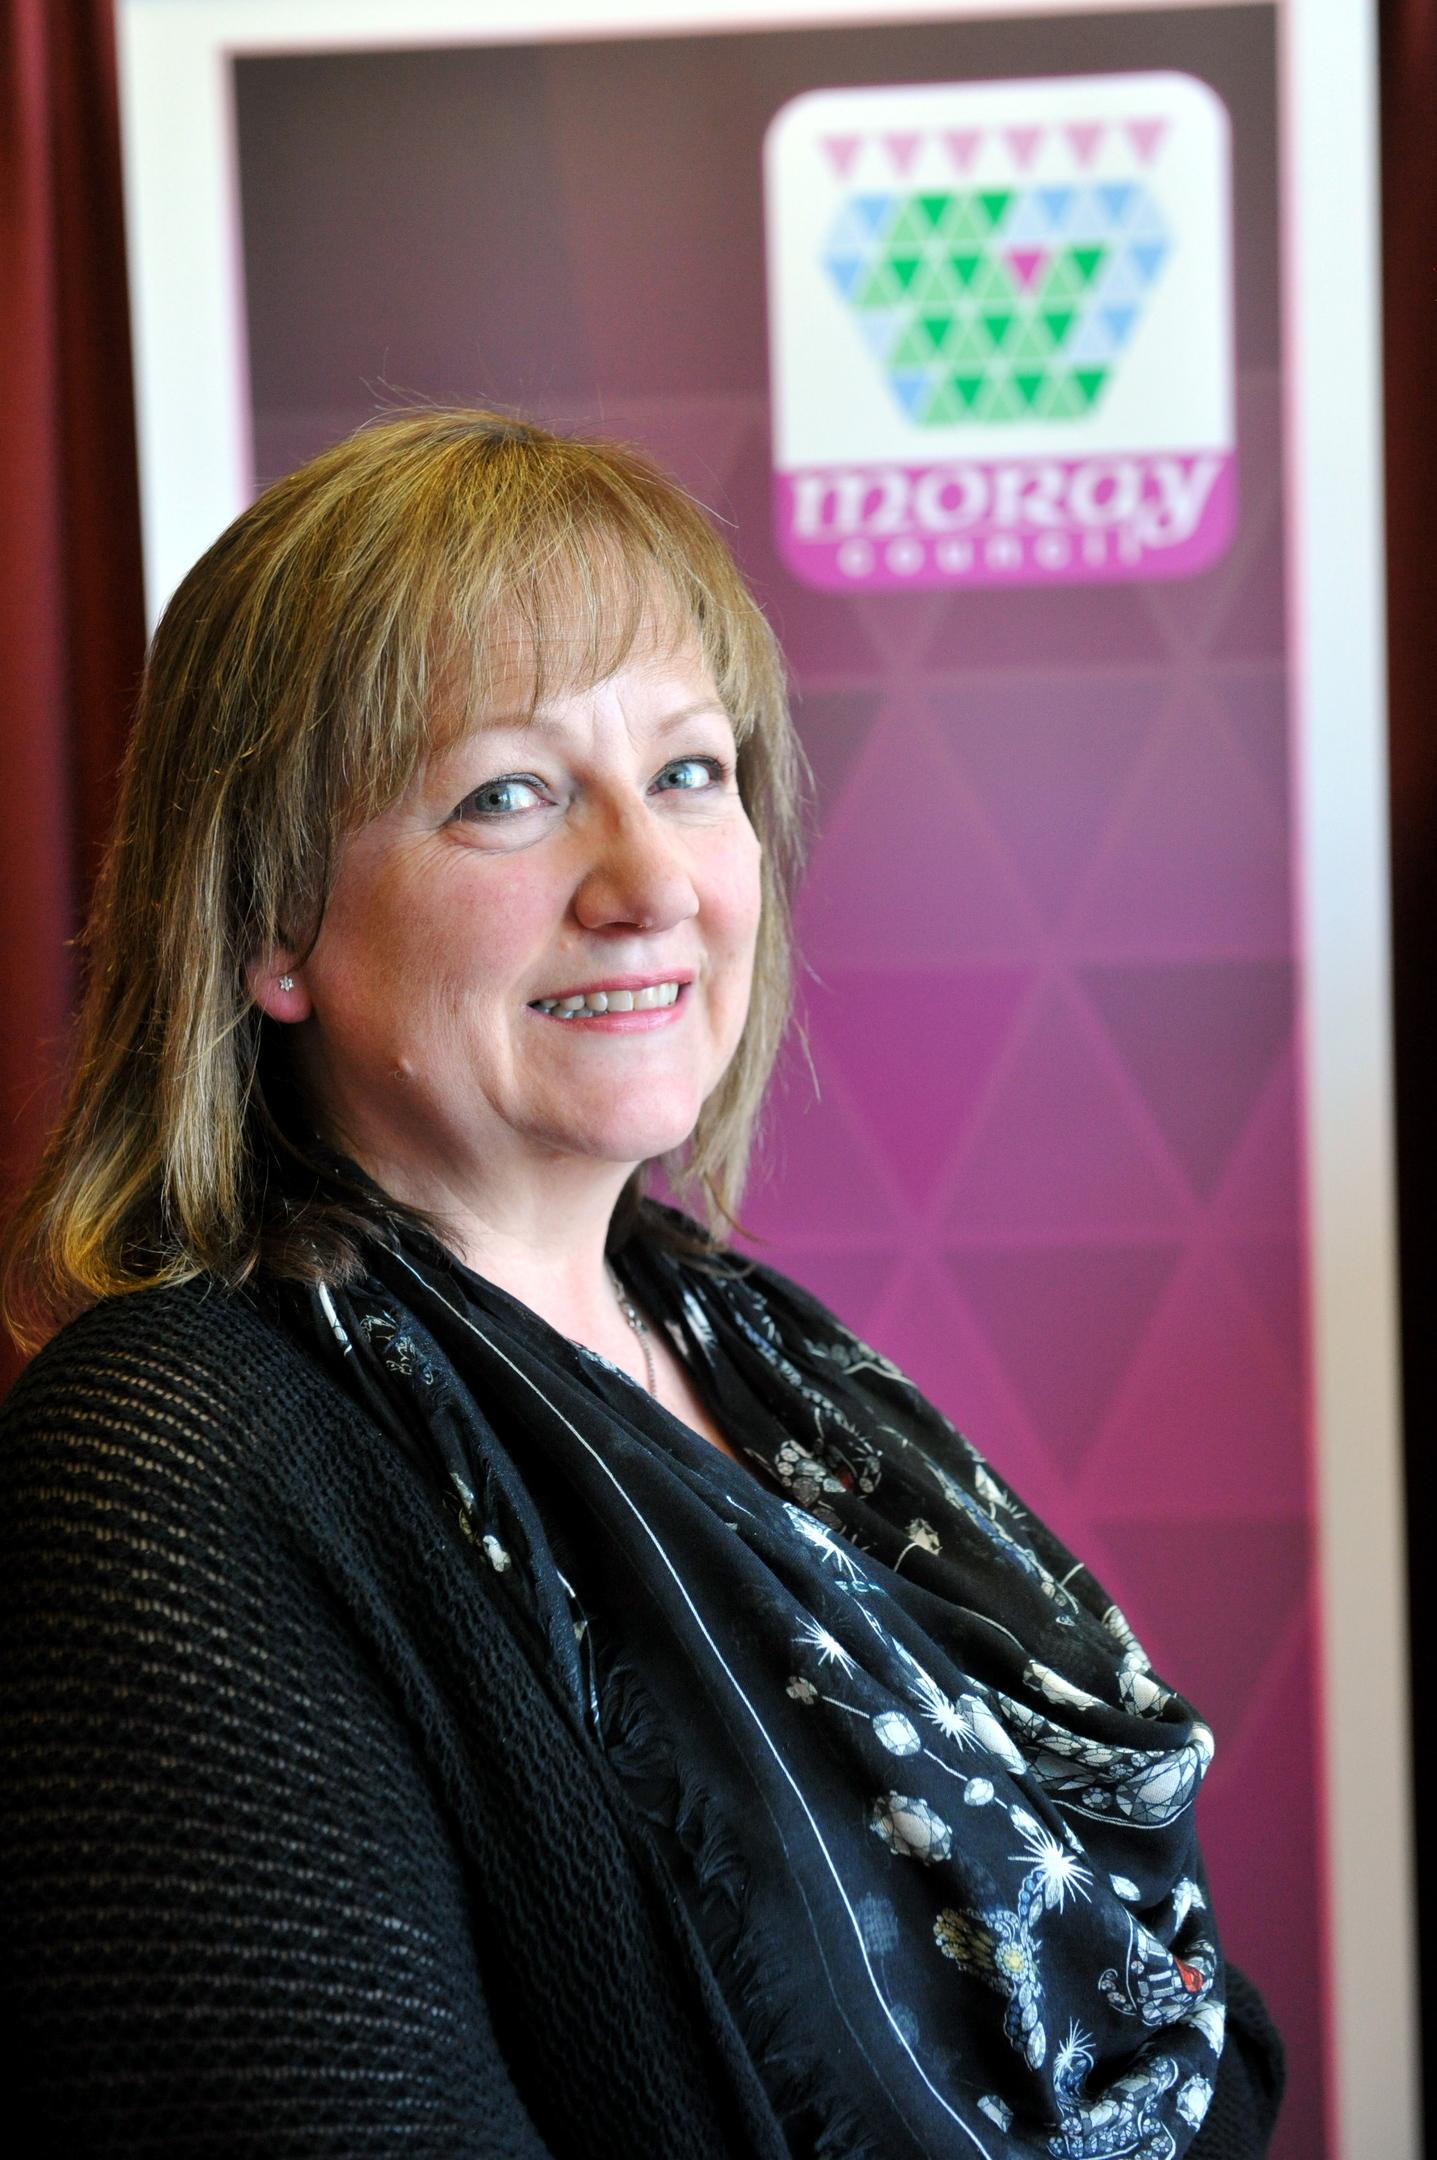 Councillor Sonya Warren has welcomed news of the community centre's overhaul.